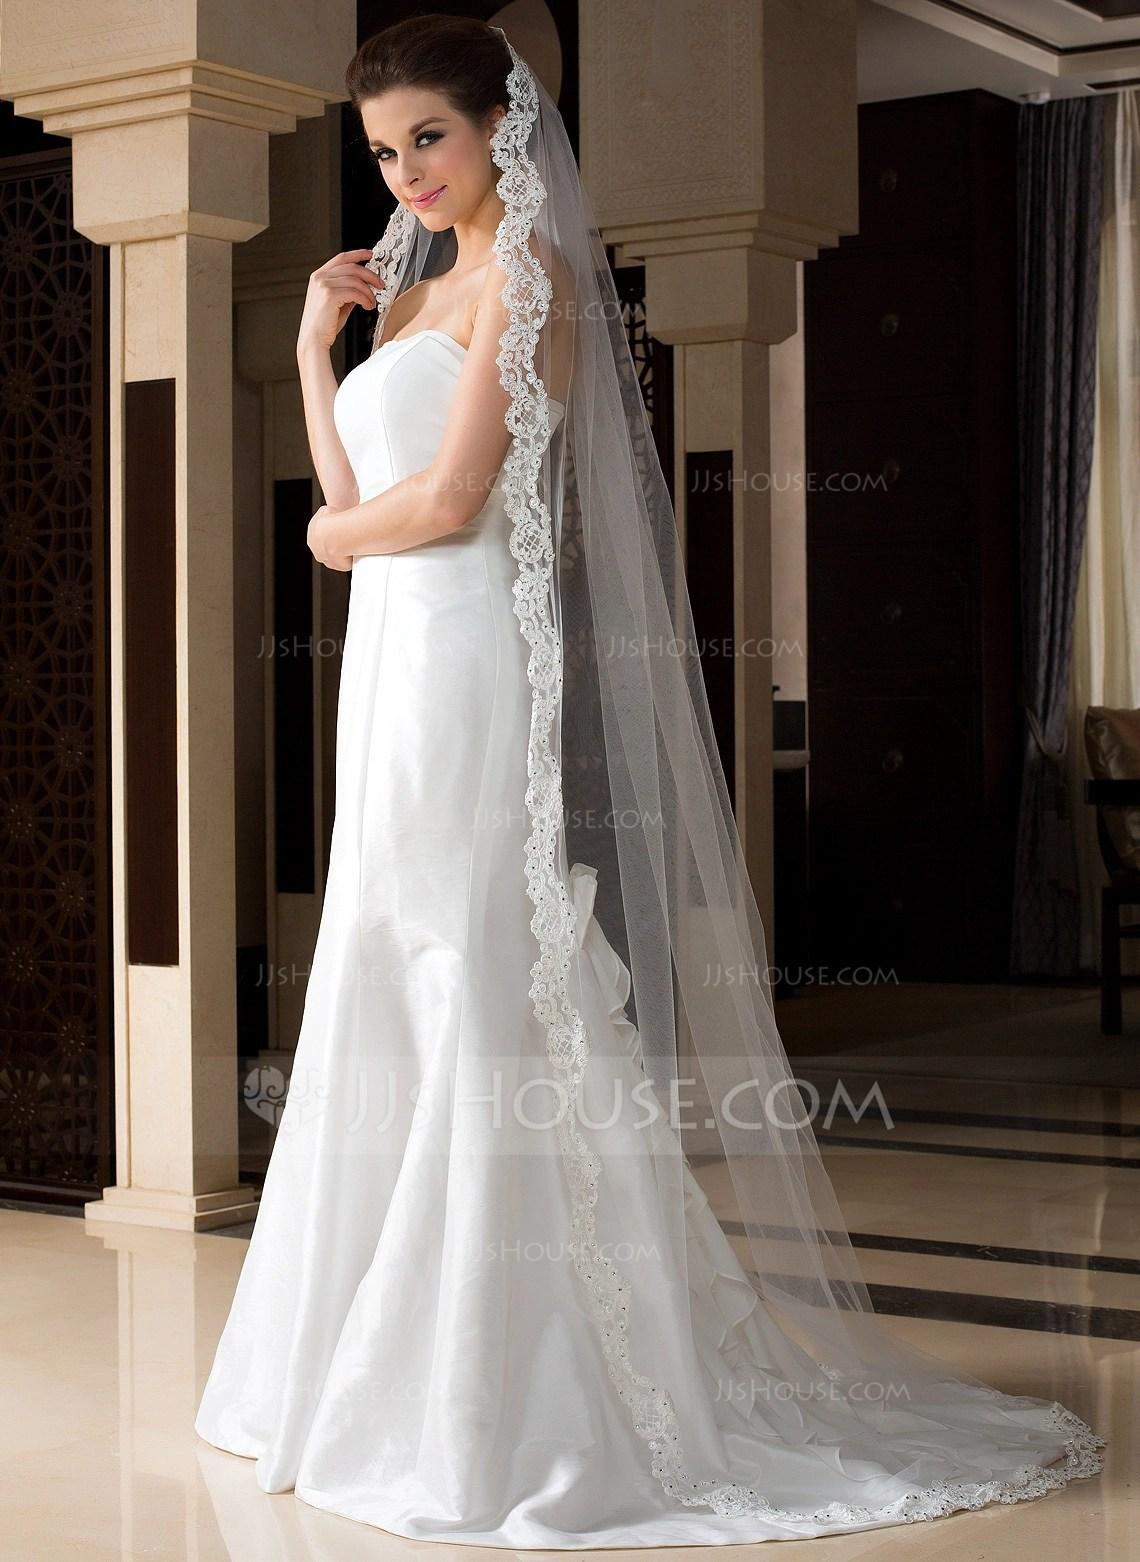 Onetier Chapel Bridal Veils With Lace Applique Edge